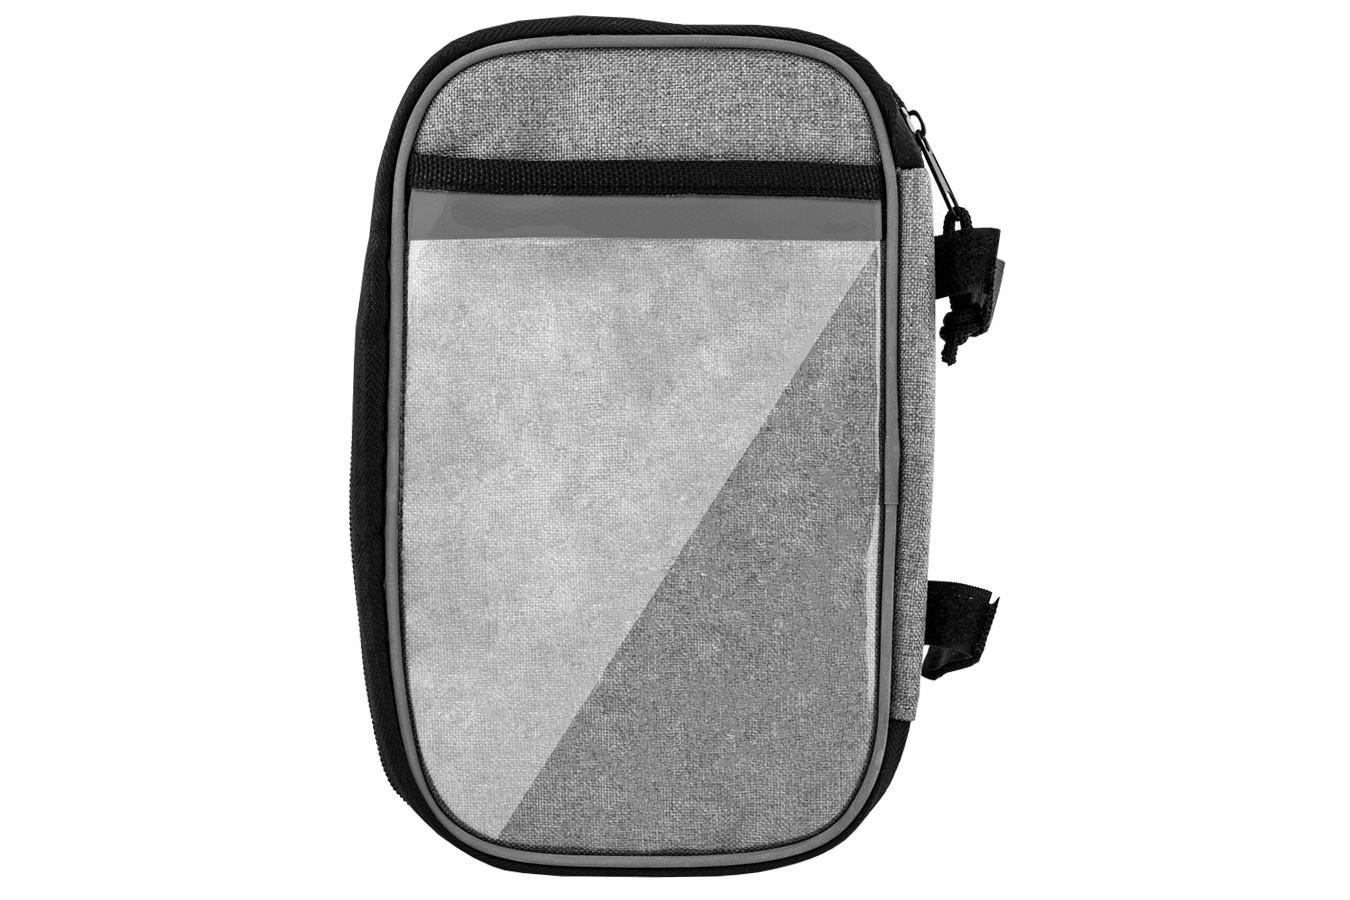 Bolsa térmica para guidão com suporte para celular - Absolute